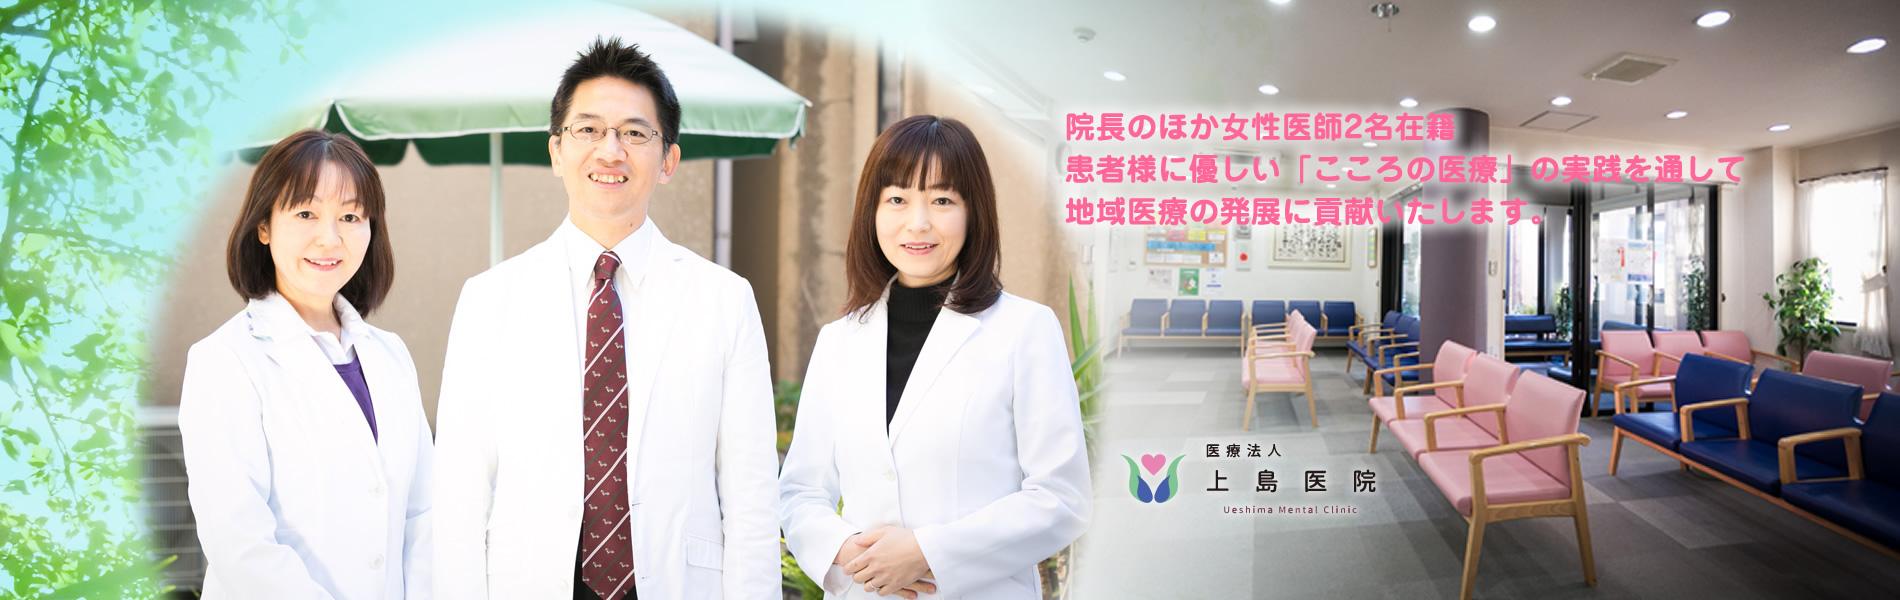 上島医院の医師